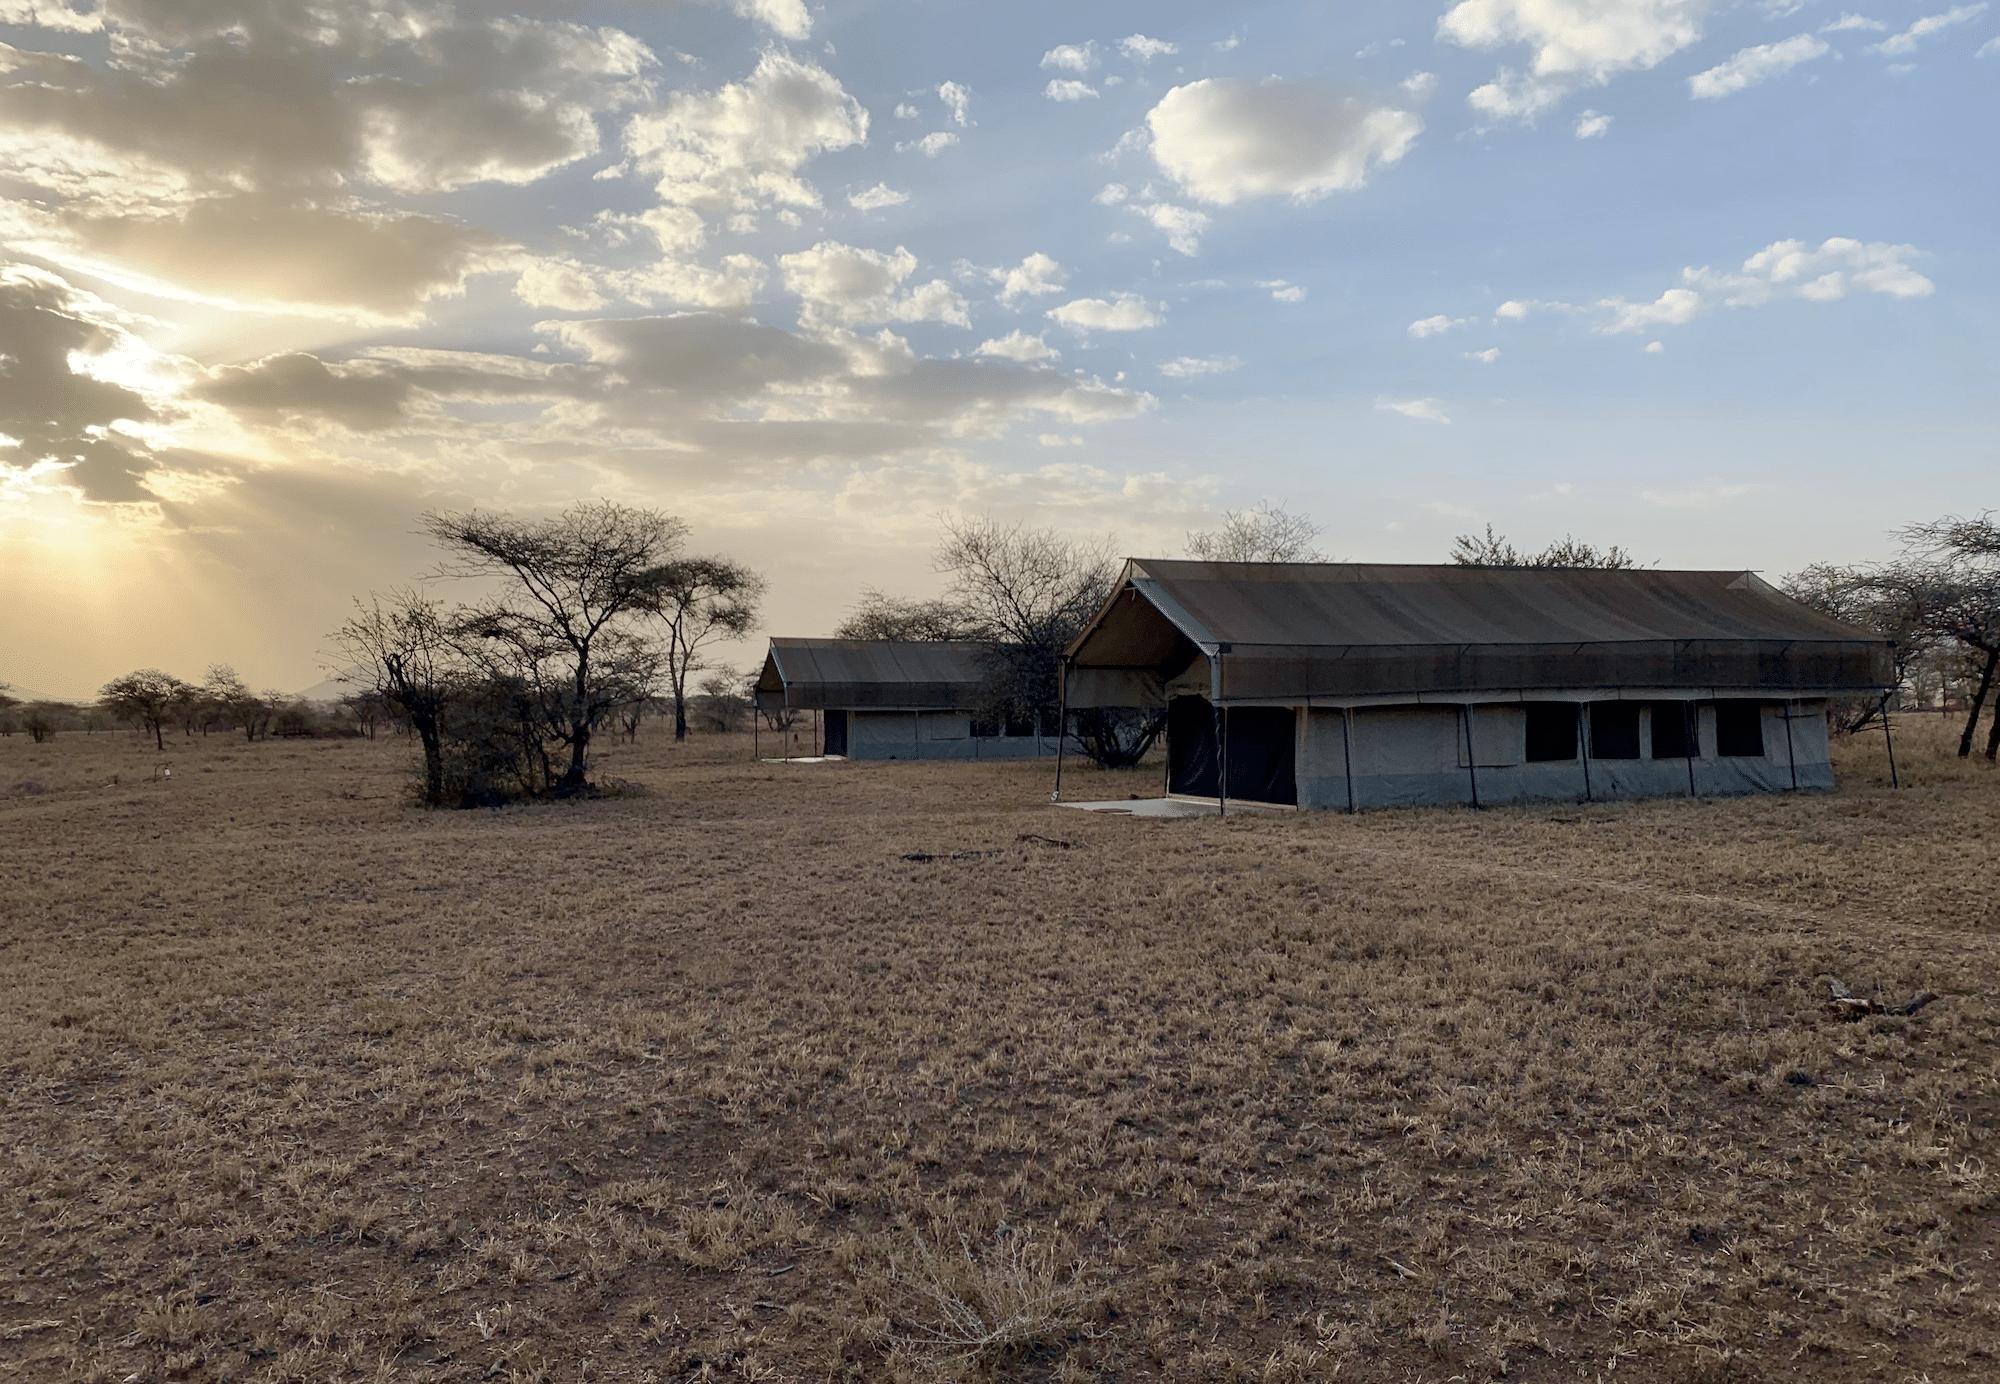 le thorn tree camp dans le parc du serengeti